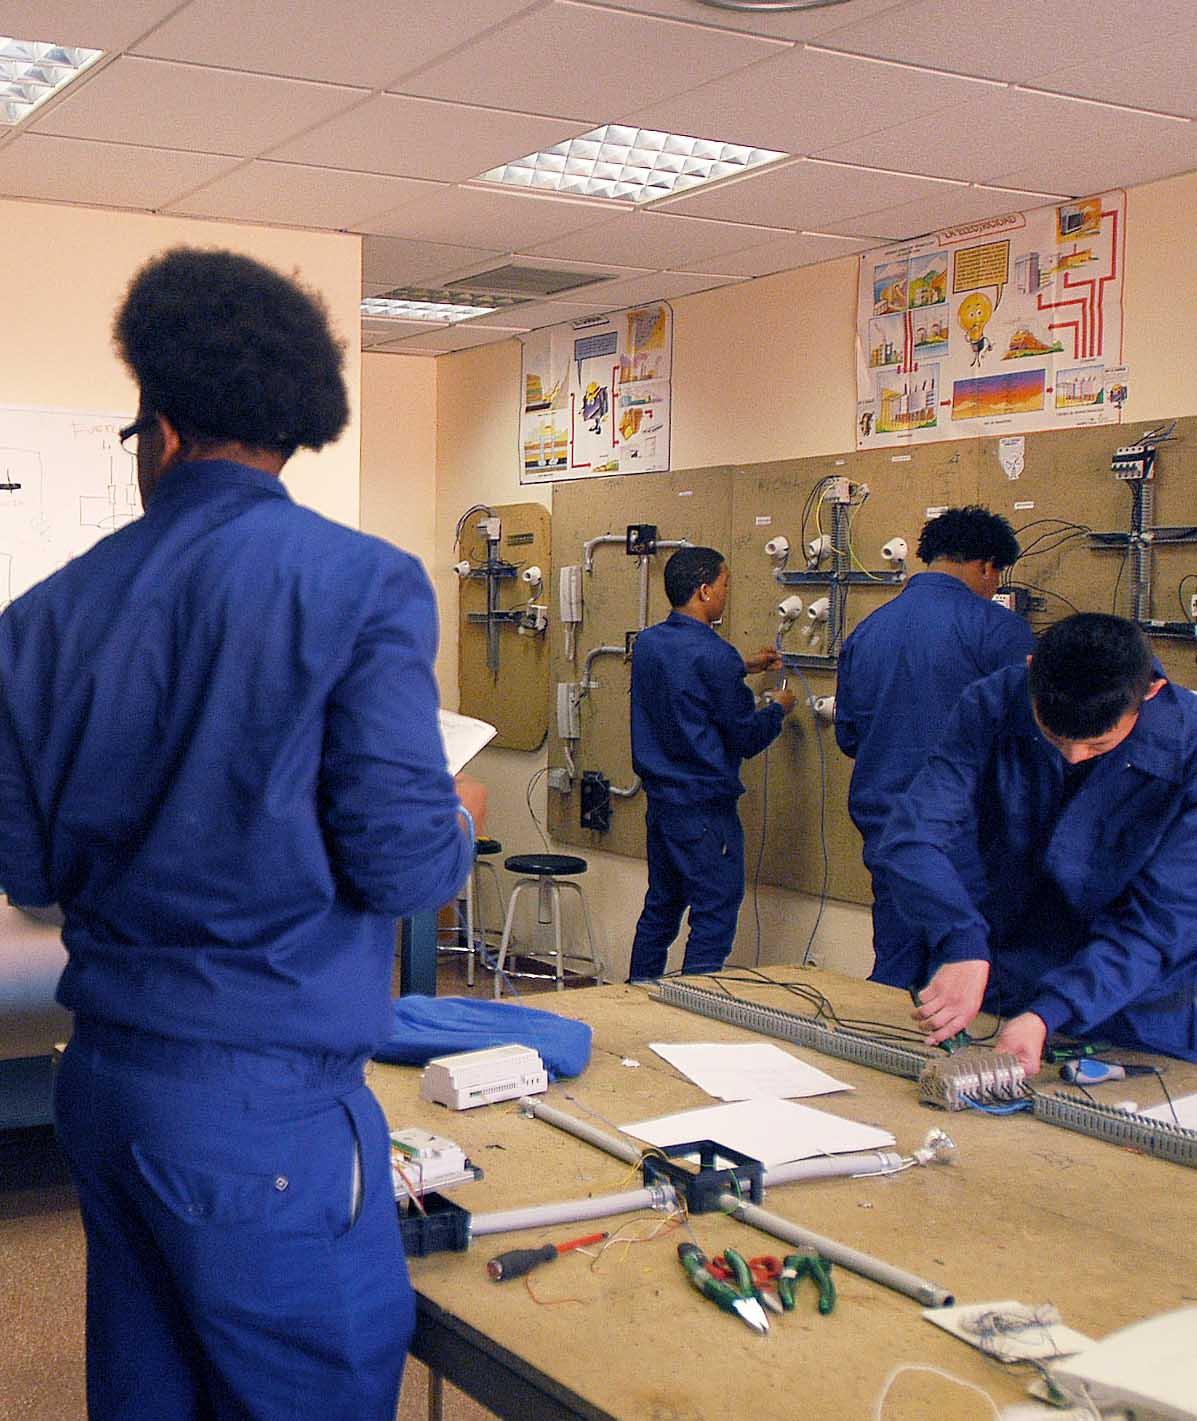 Inmigrantes atendidos en las oficinas de for Oficinas caja laboral madrid